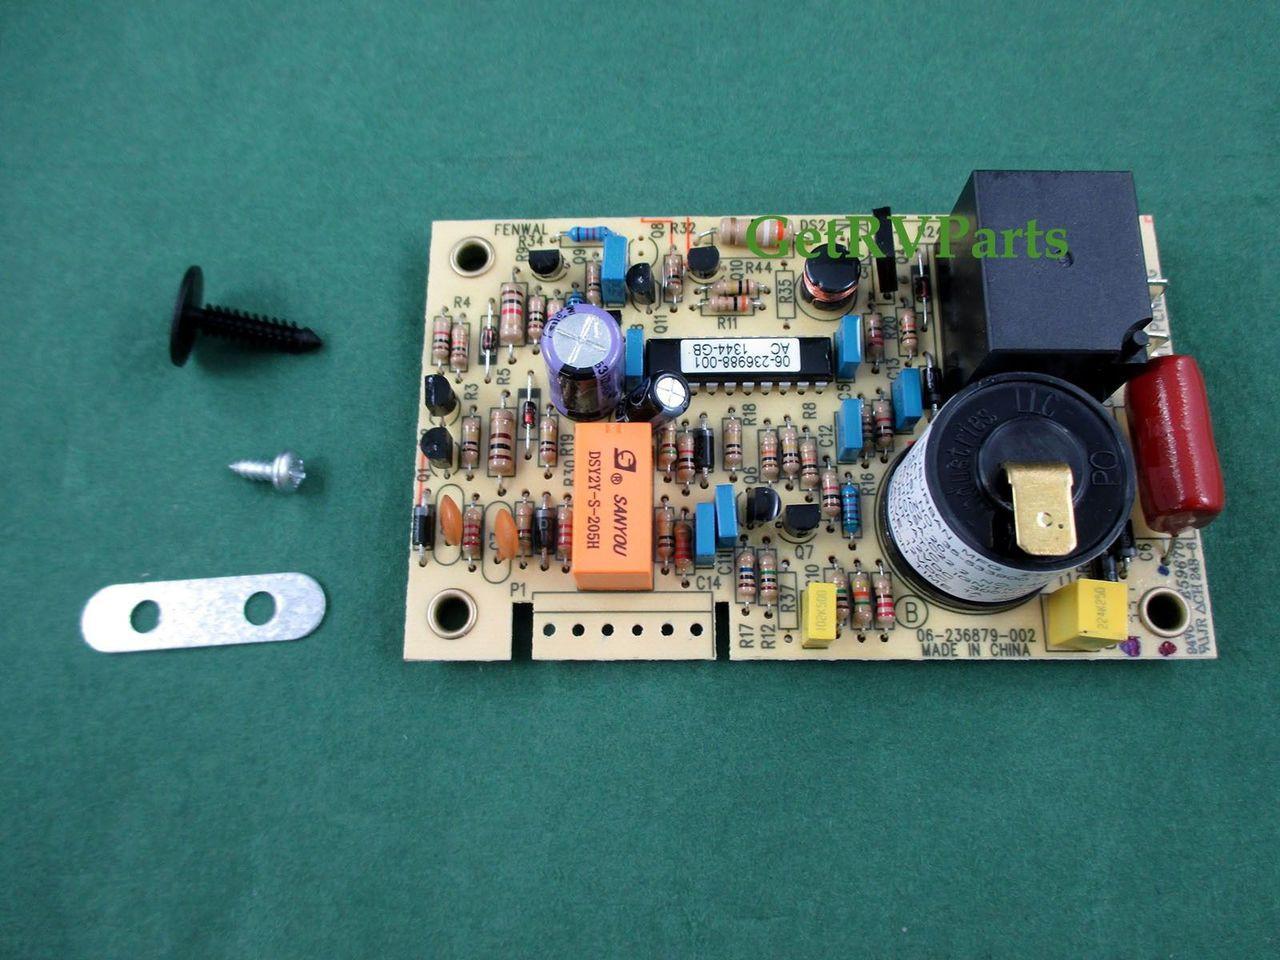 Suburban | 520820| RV Furnace, Water Heater Control Circuit Board